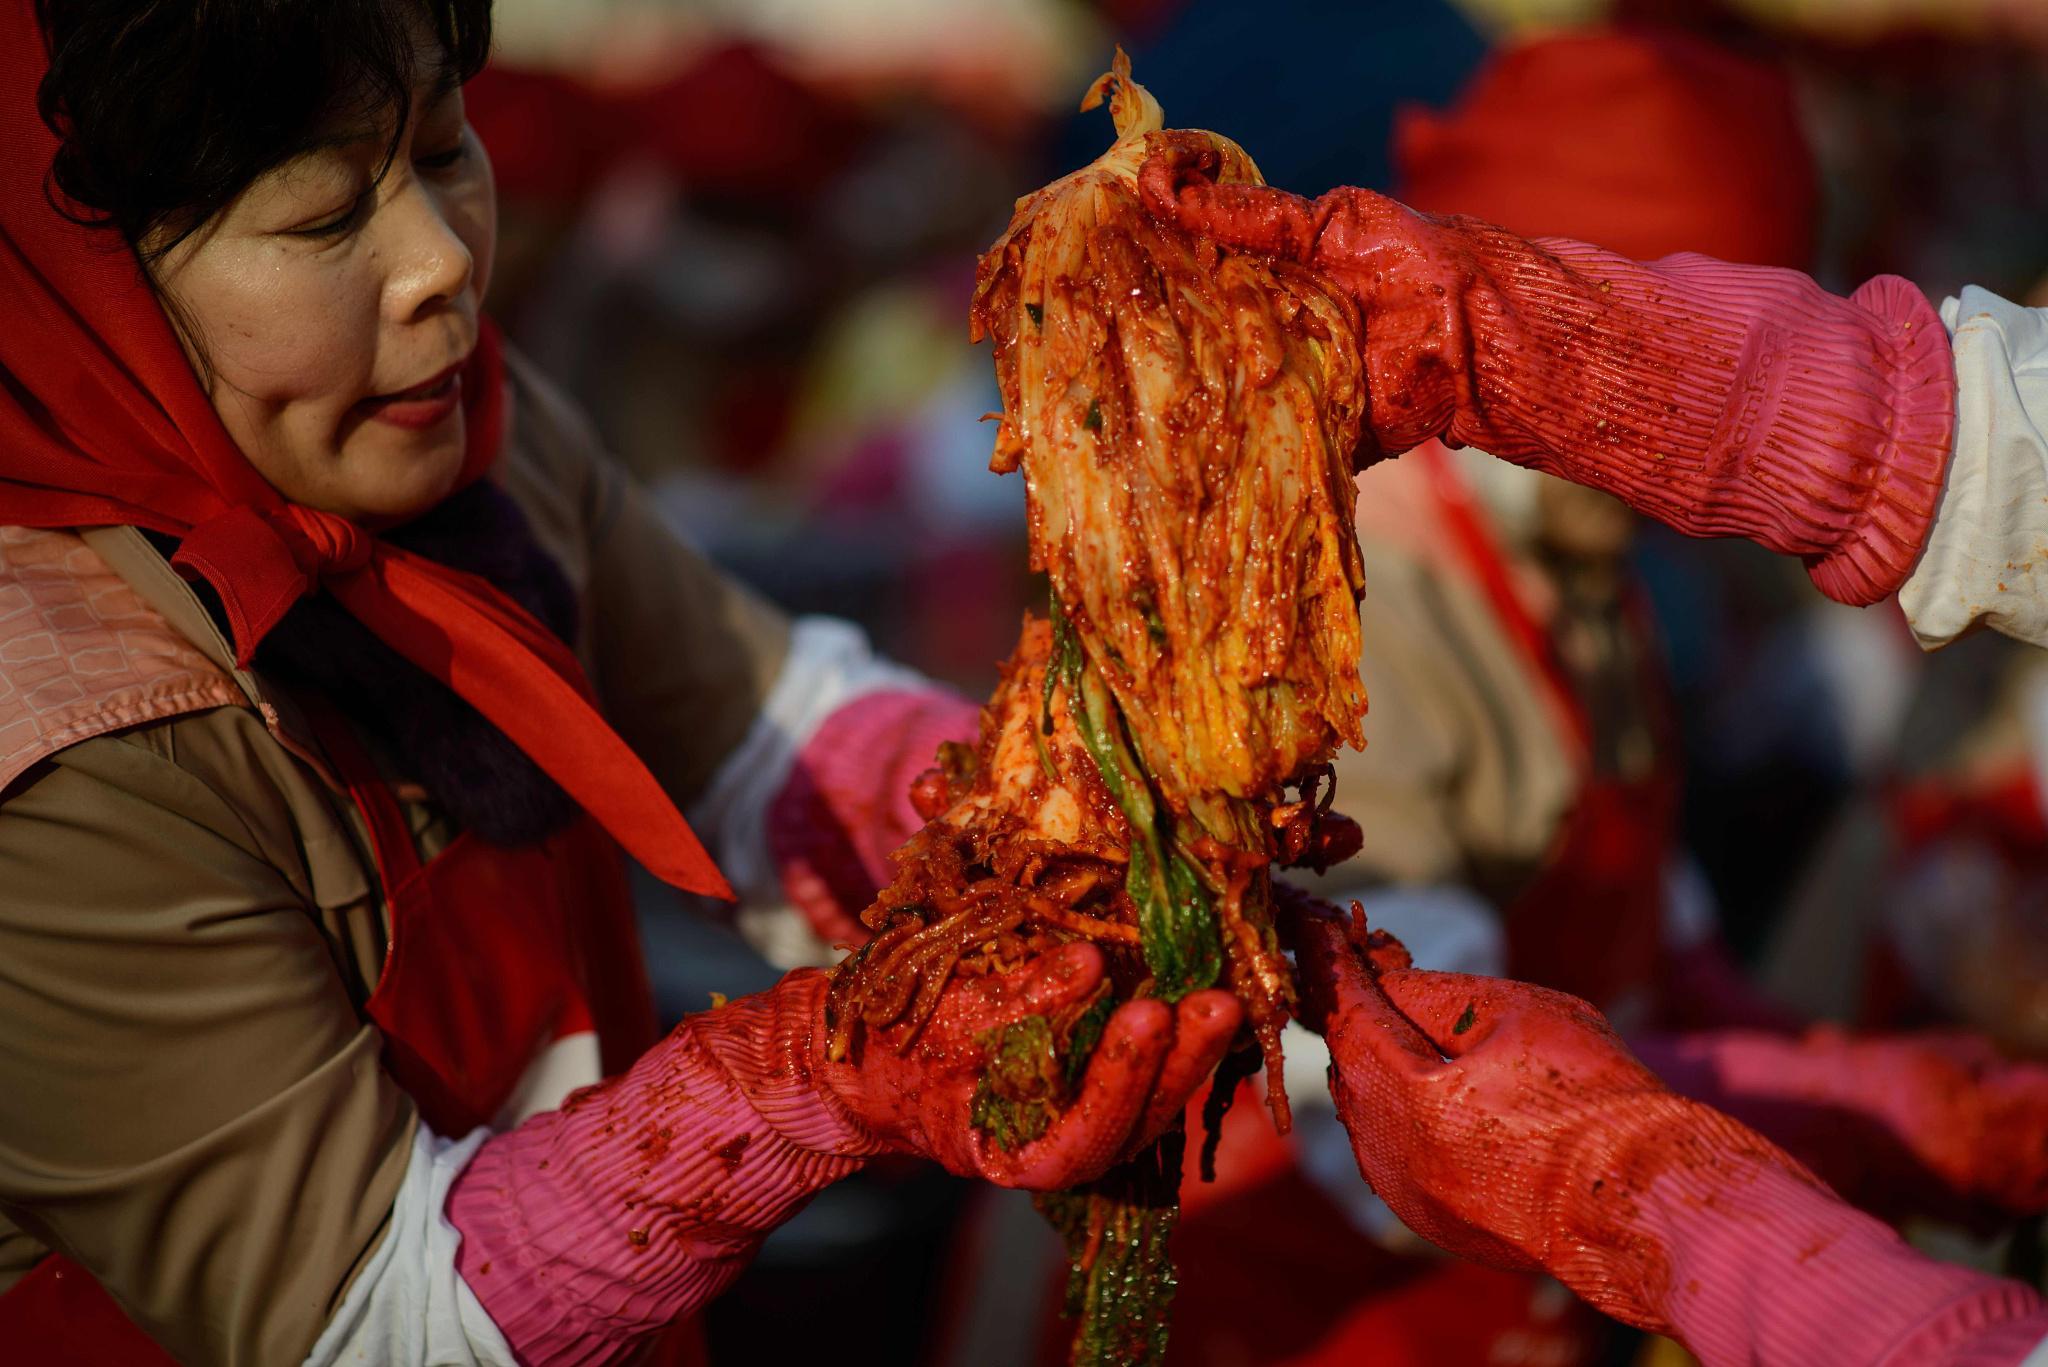 制作泡菜的韩国女性。/视觉中国